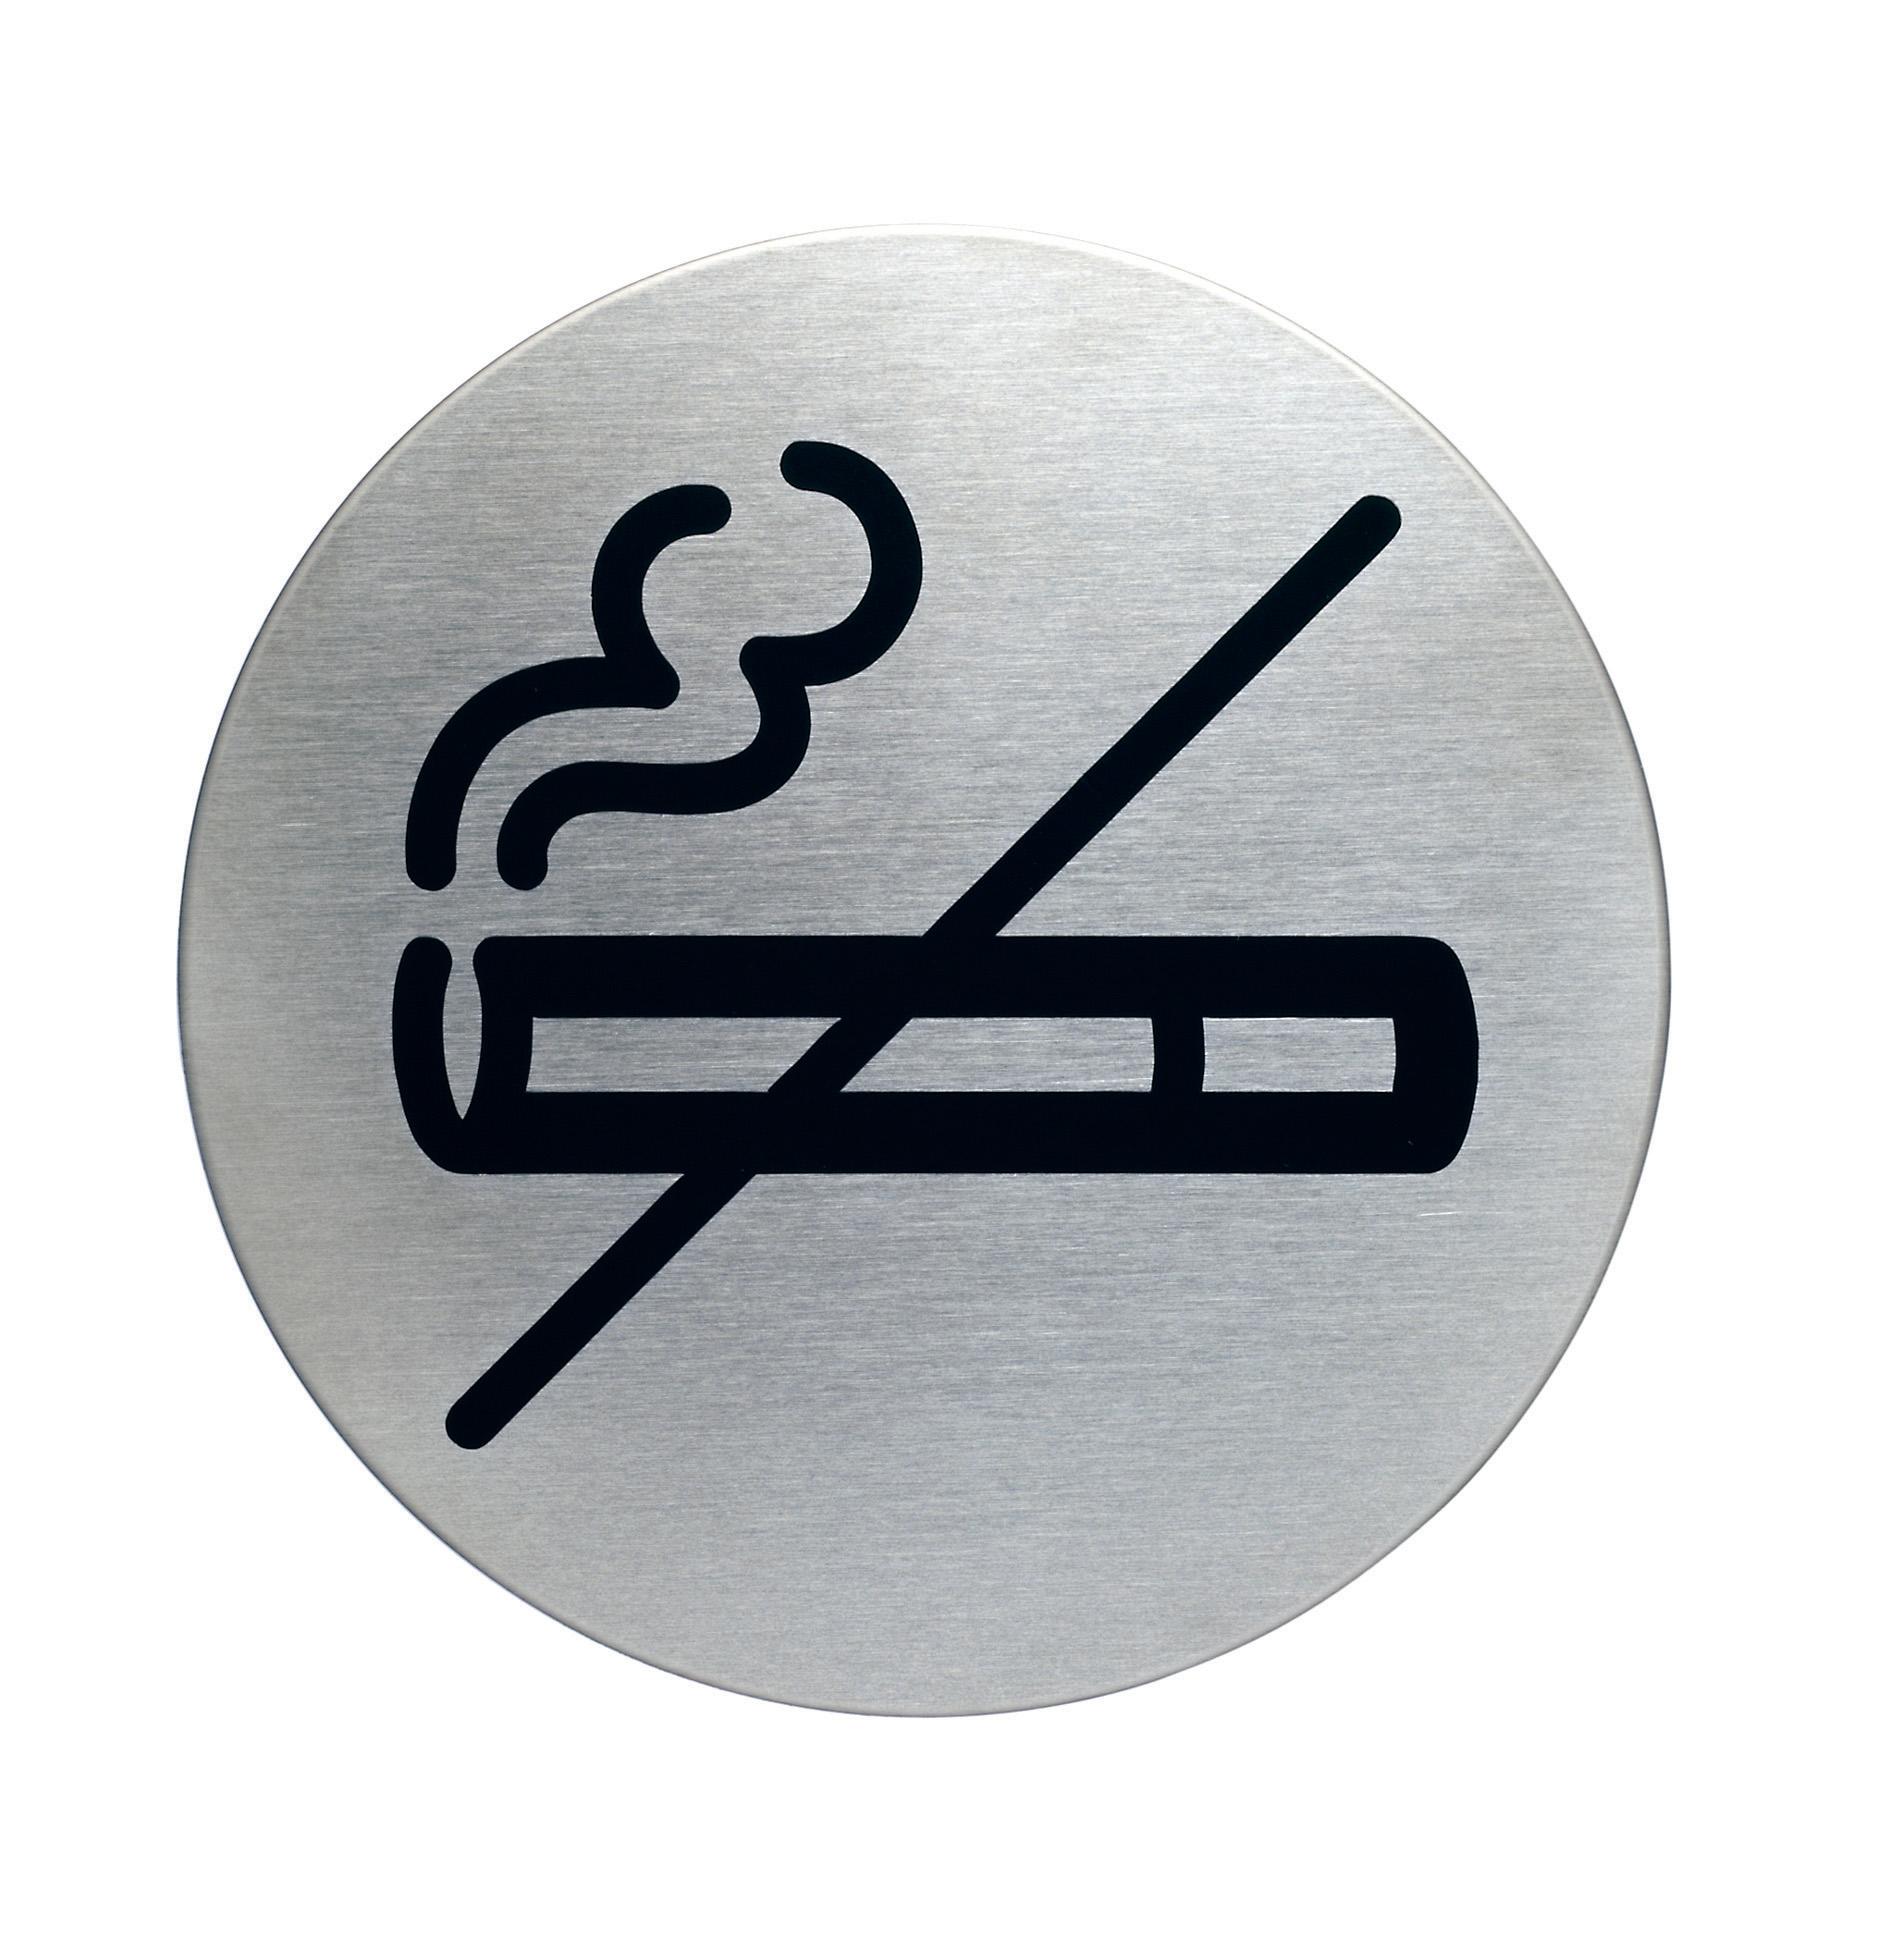 RVS Pictogram Ø 83mm roken verboden